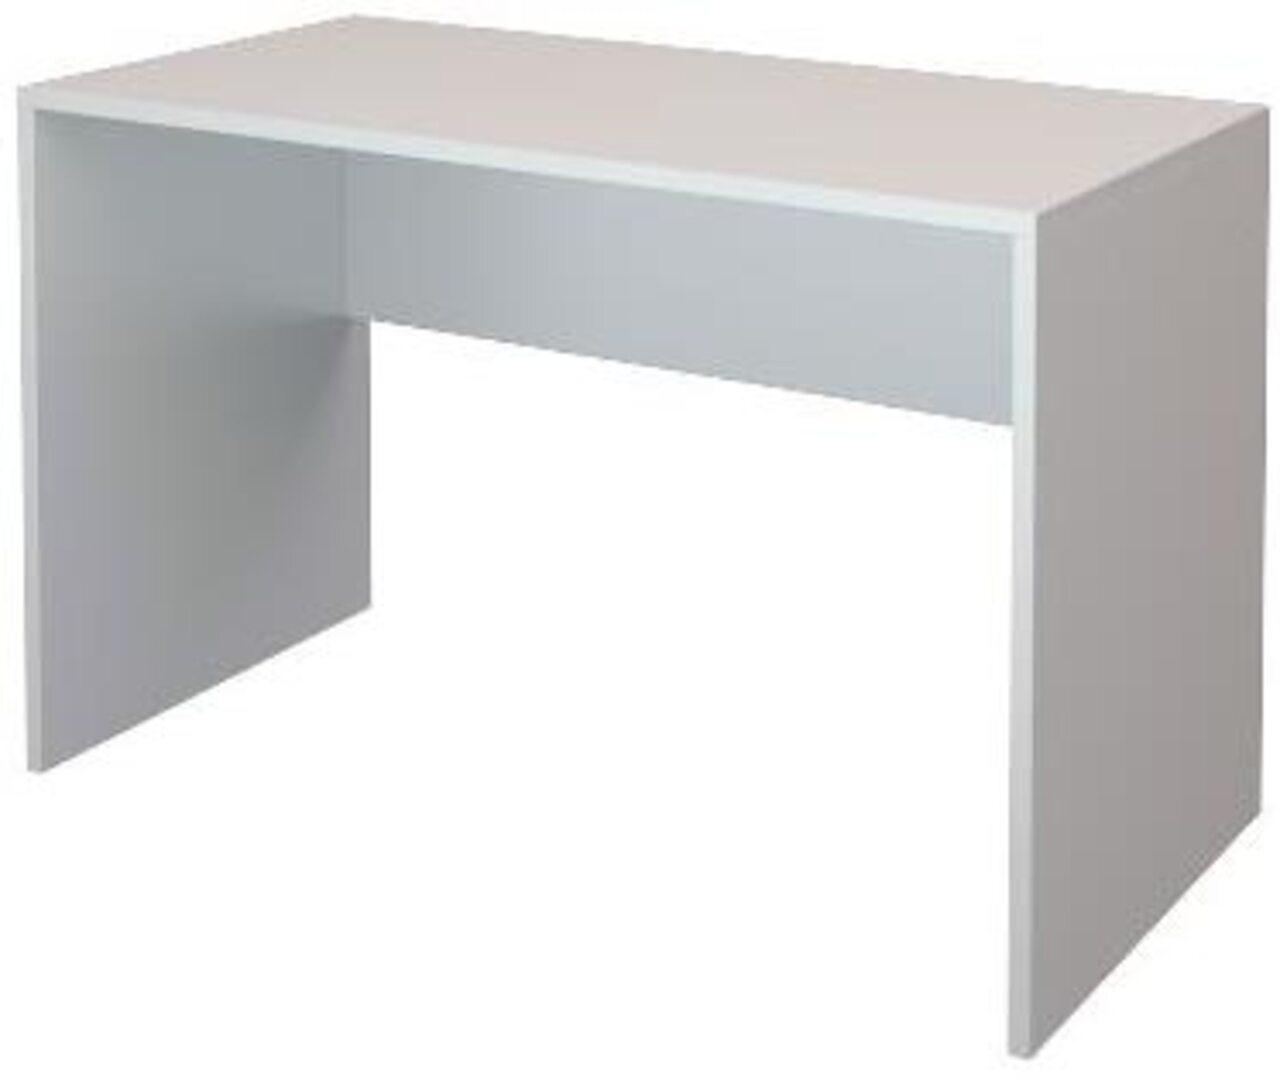 Стол рабочий  Арго 120x60x76 - фото 4